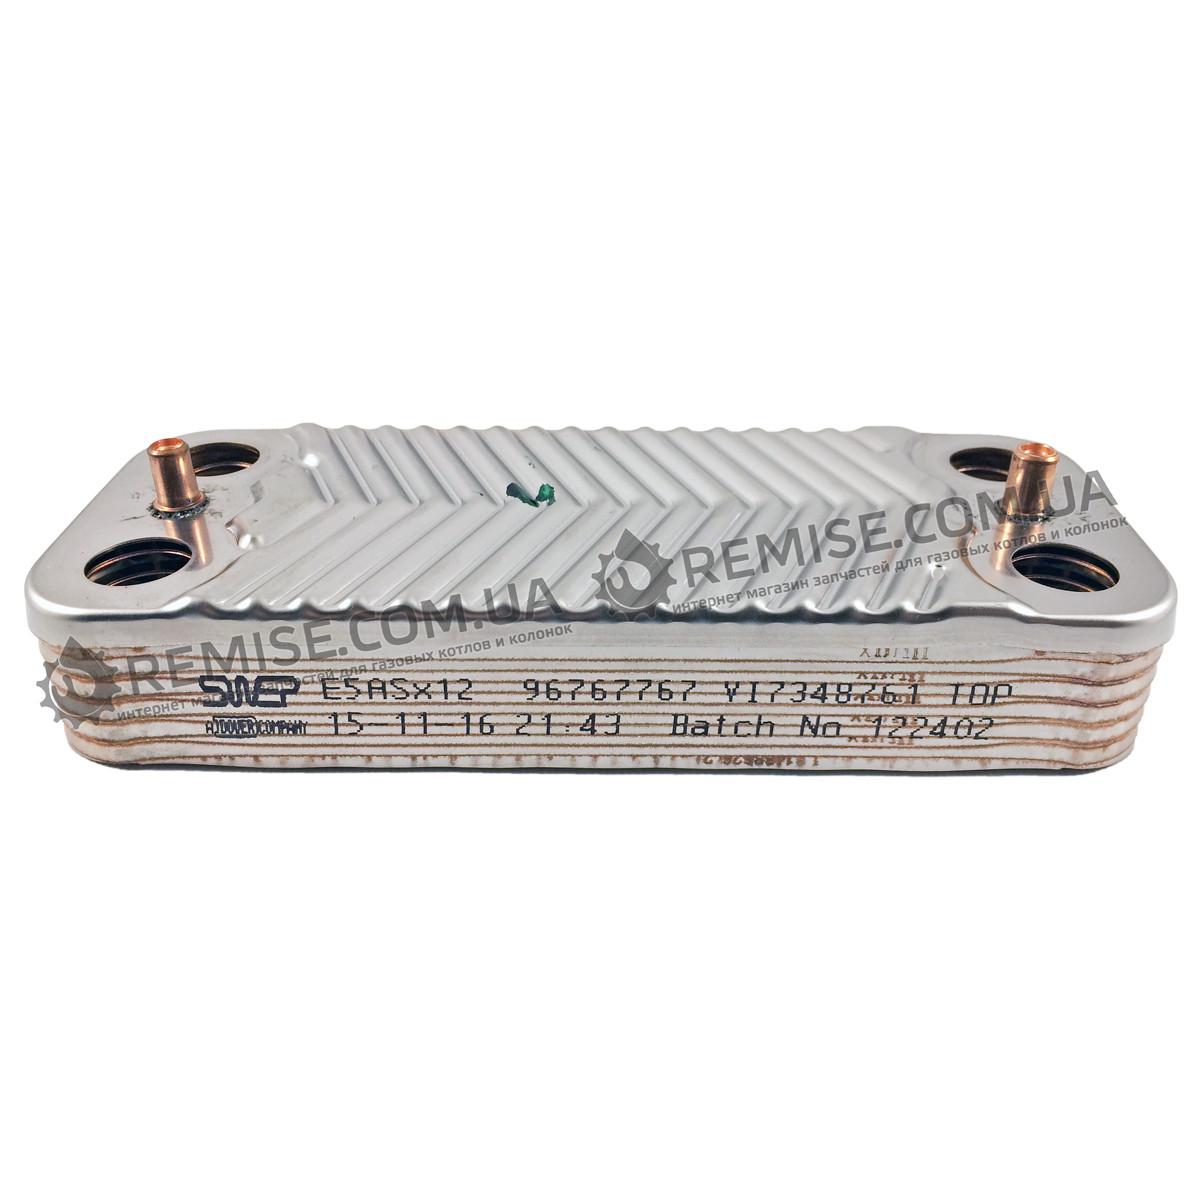 Теплообменник Viessmann Vitopend WH1D, Vitodens WB1B, WB1C 24 кВт. - 7828745